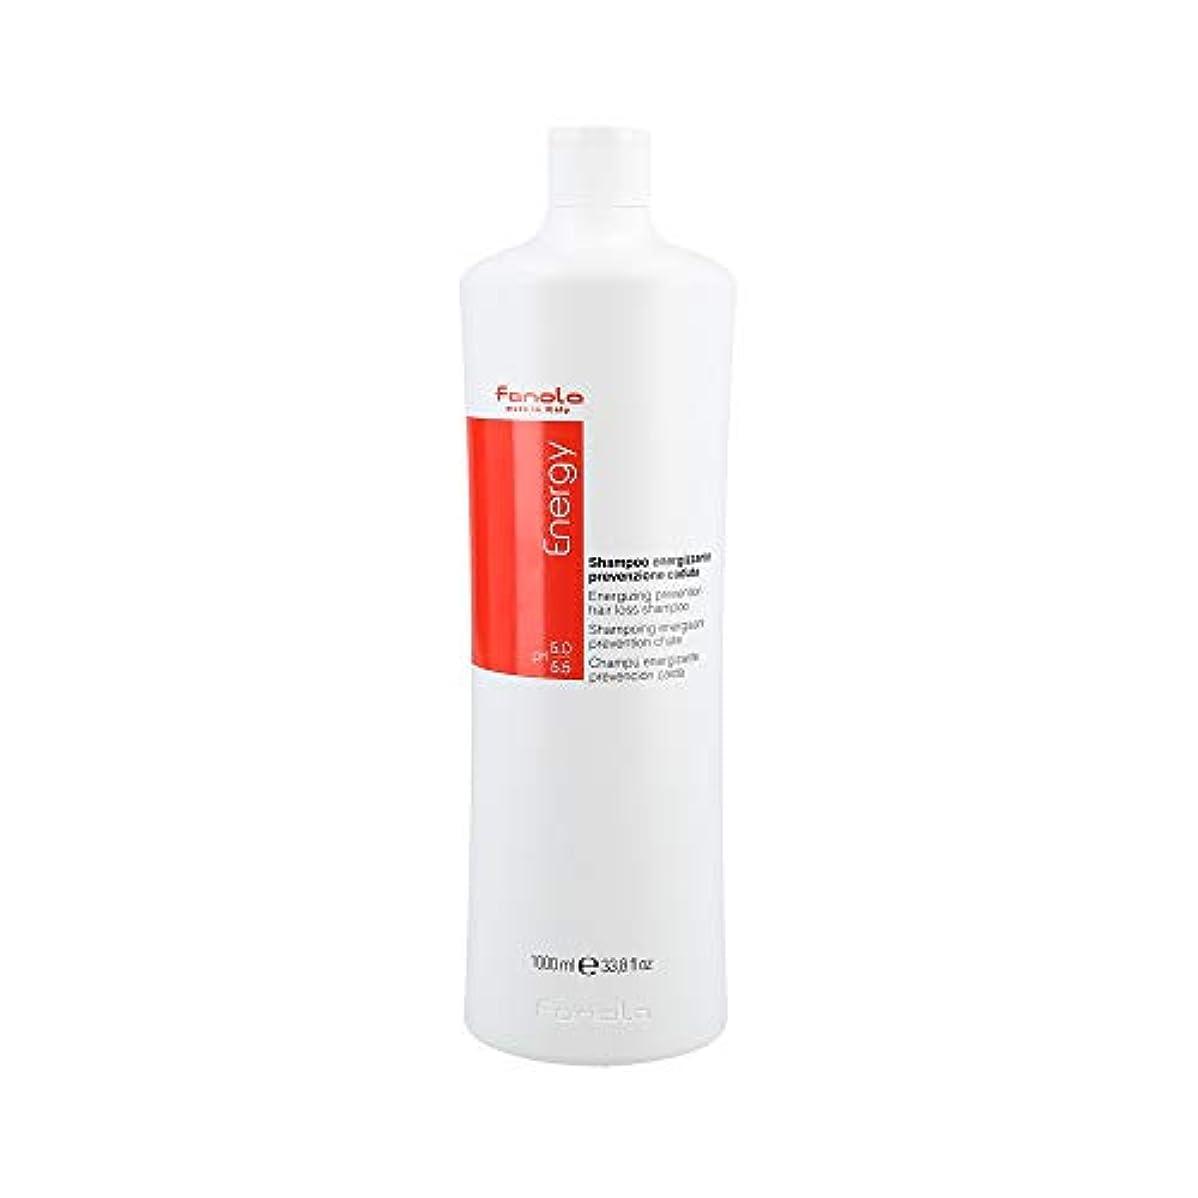 浴室予算仕事に行くファノーラシャンプーENERGY活性化脱毛防止1000mL 1L - 脱毛 - 弱い、上質な髪用